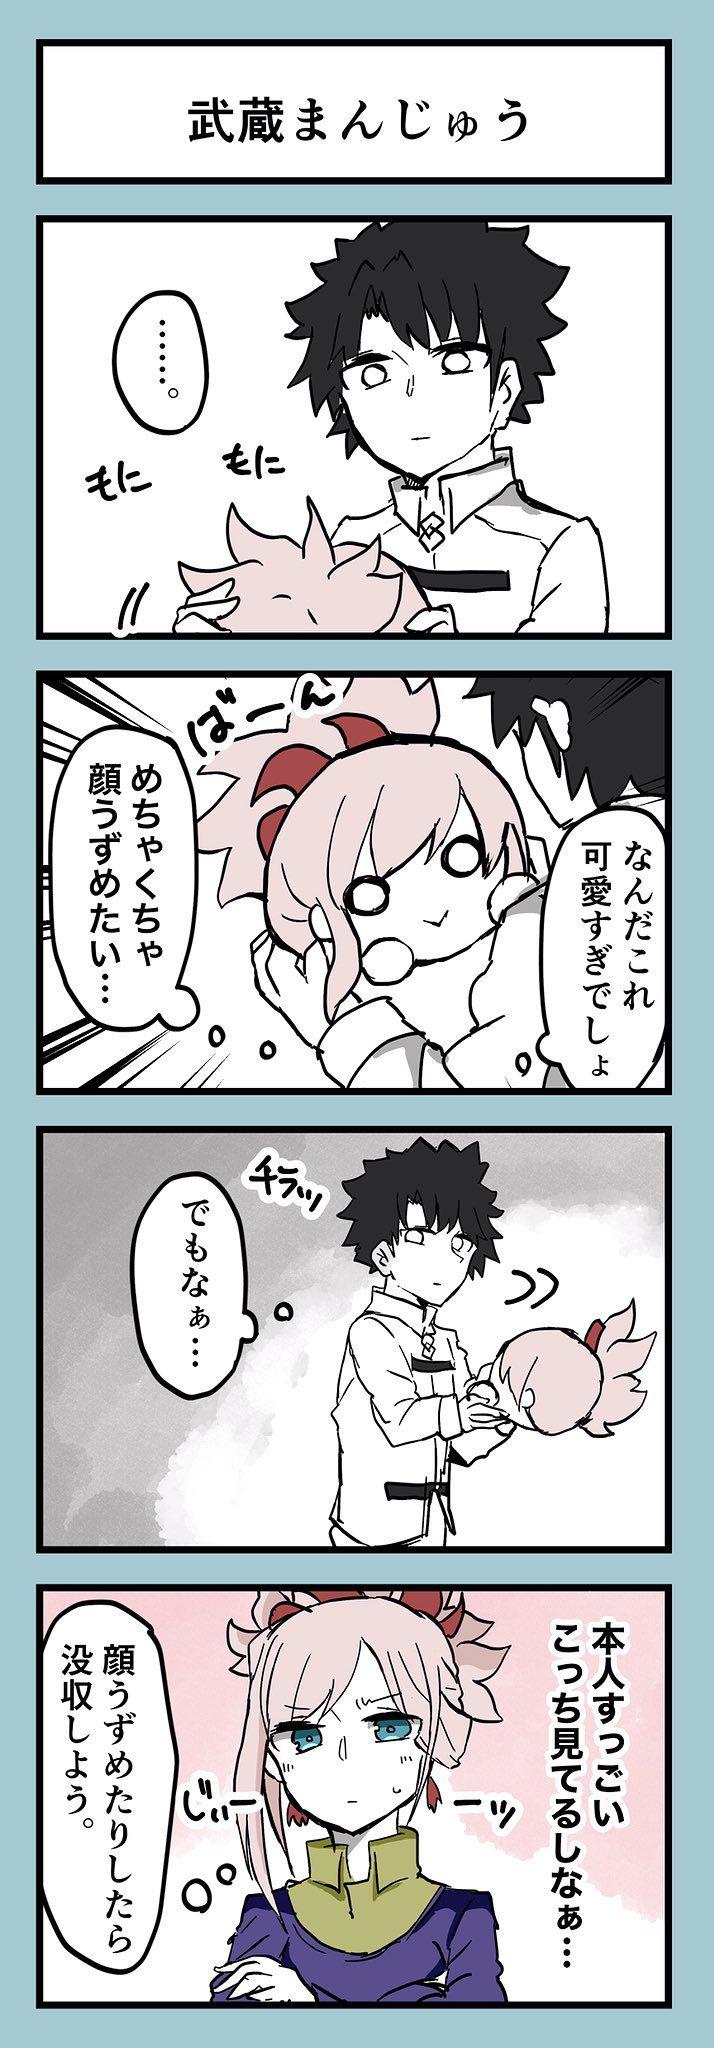 """鮭乃らるかん on Twitter: """"武蔵ちゃんとまんじゅうクッション。 https://t.co/uHNAg0nDm4"""""""